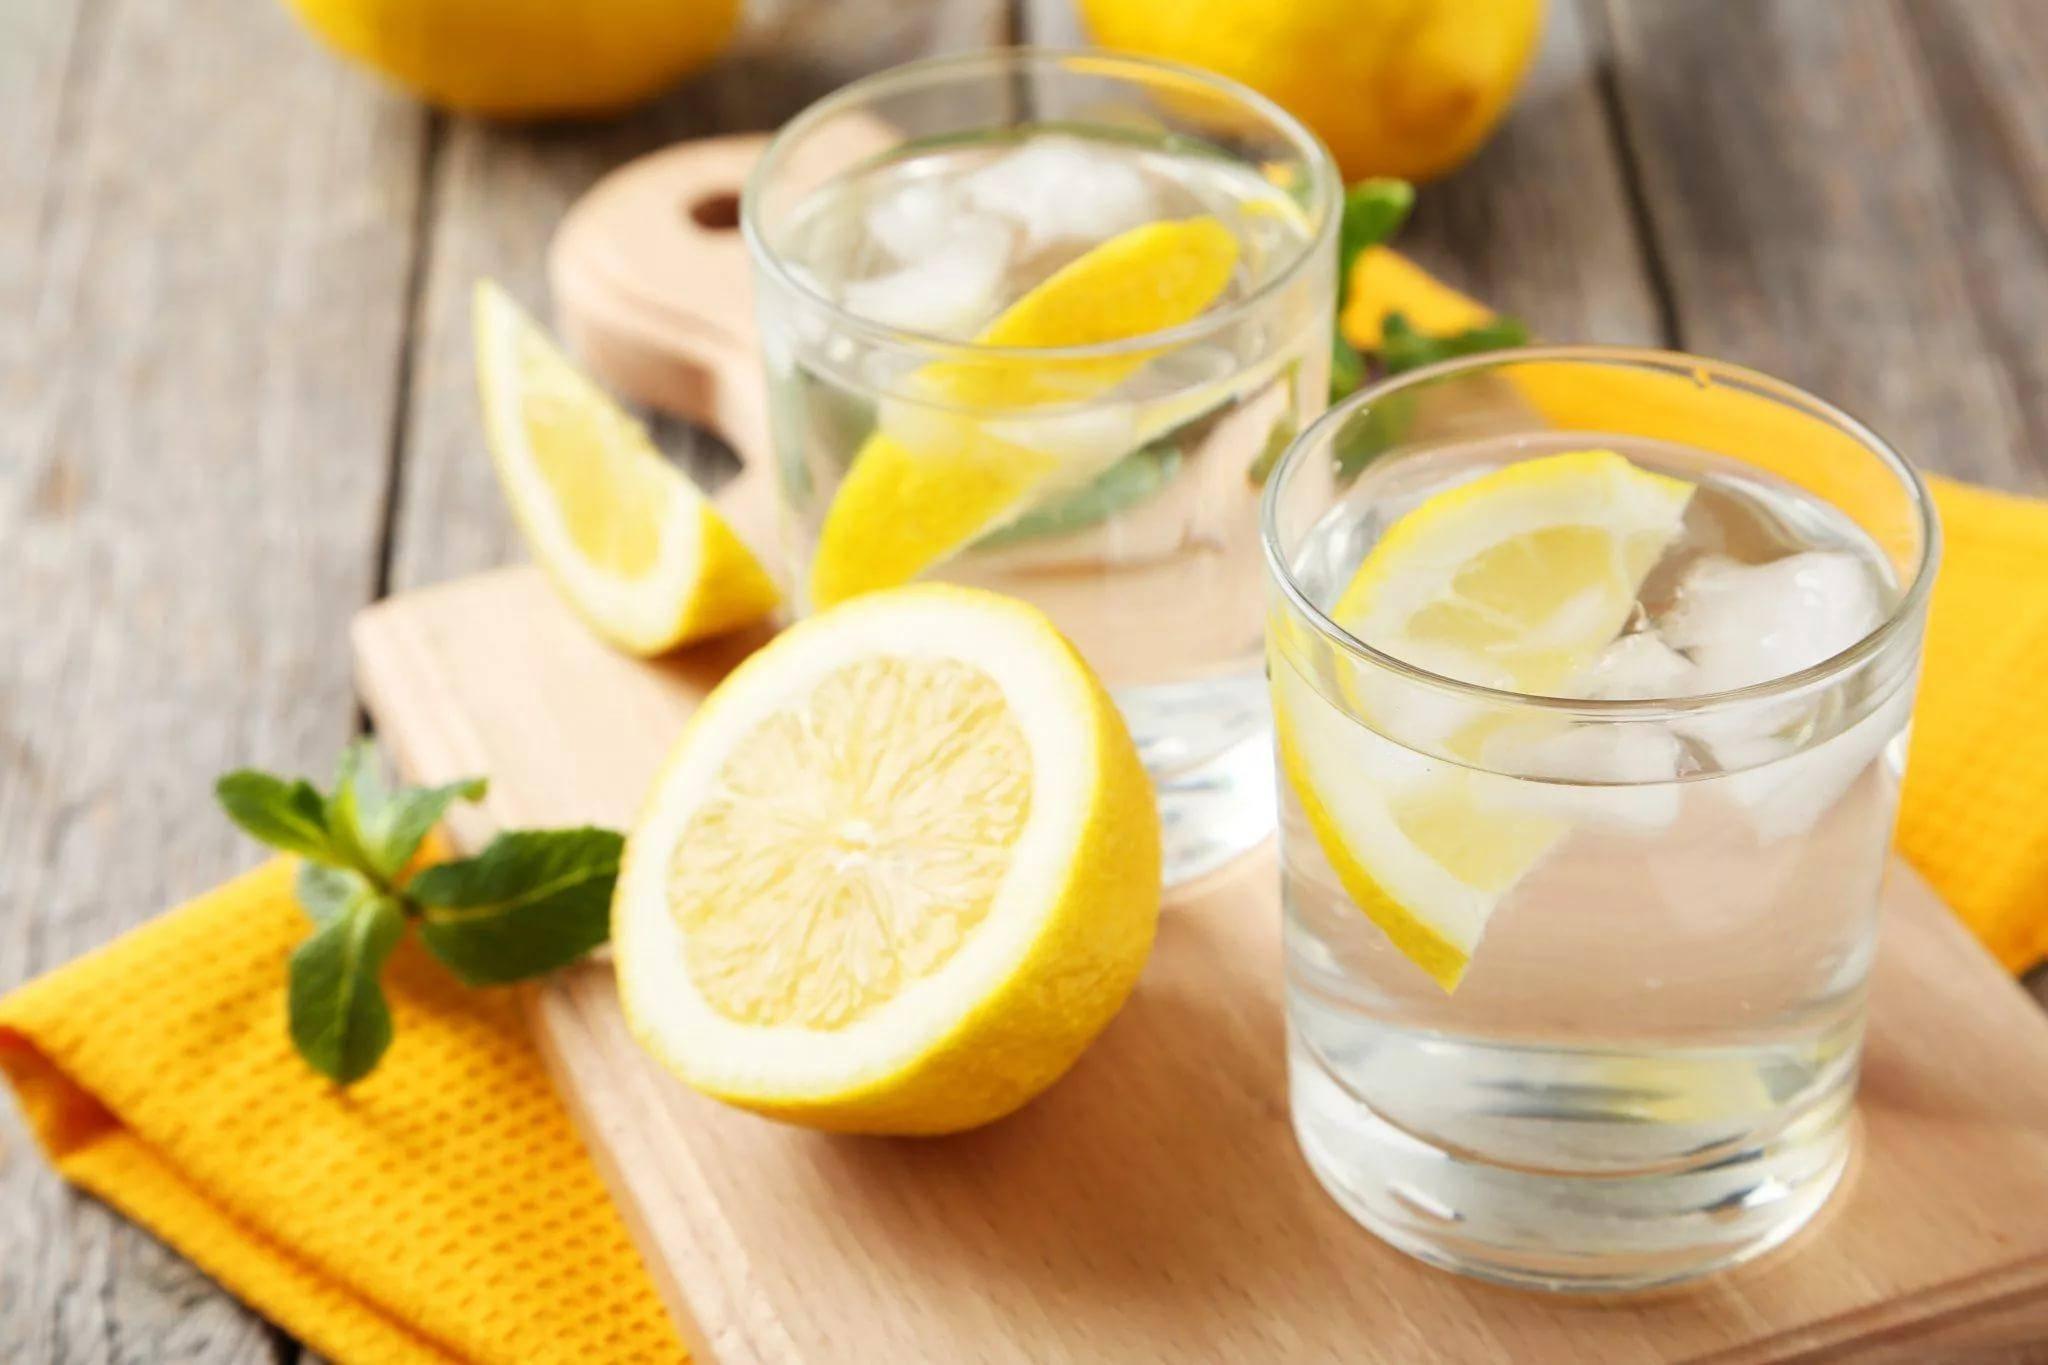 Вода с лимоном: польза и вред для здоровья, рецепты приготовления